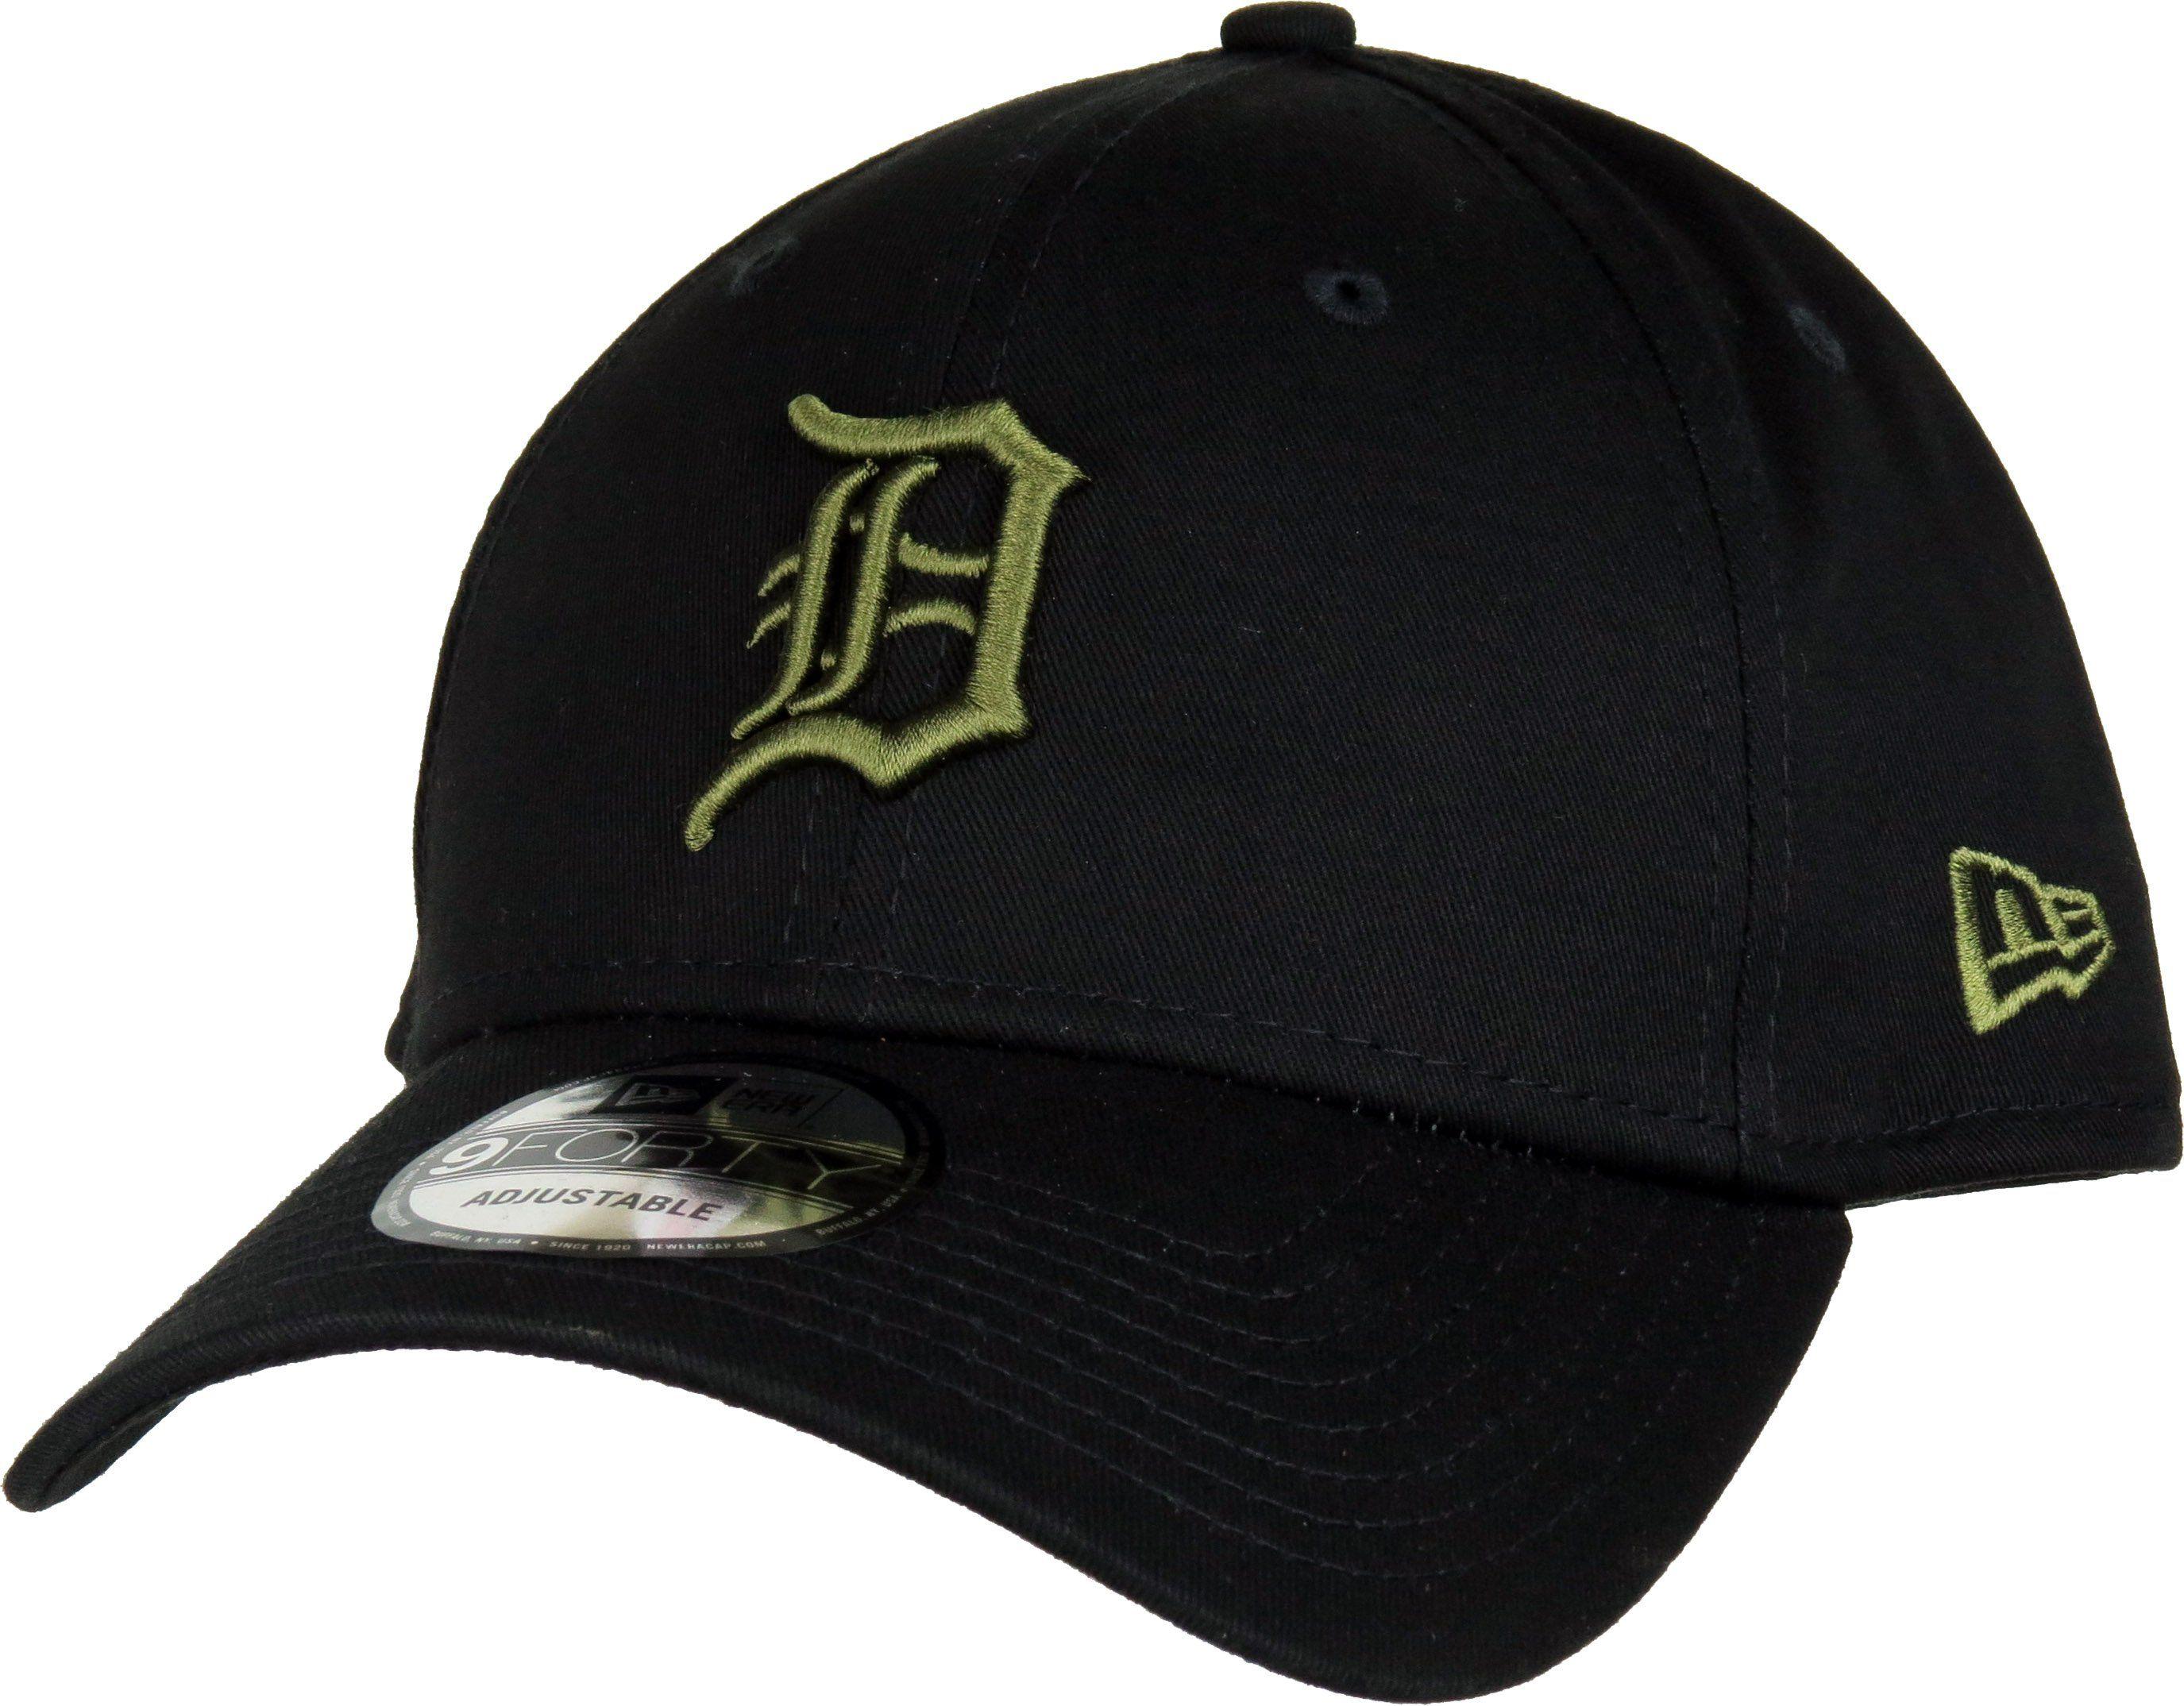 5396270a987 New Era 940 League Essential Detroit Tigers Baseball Cap Black